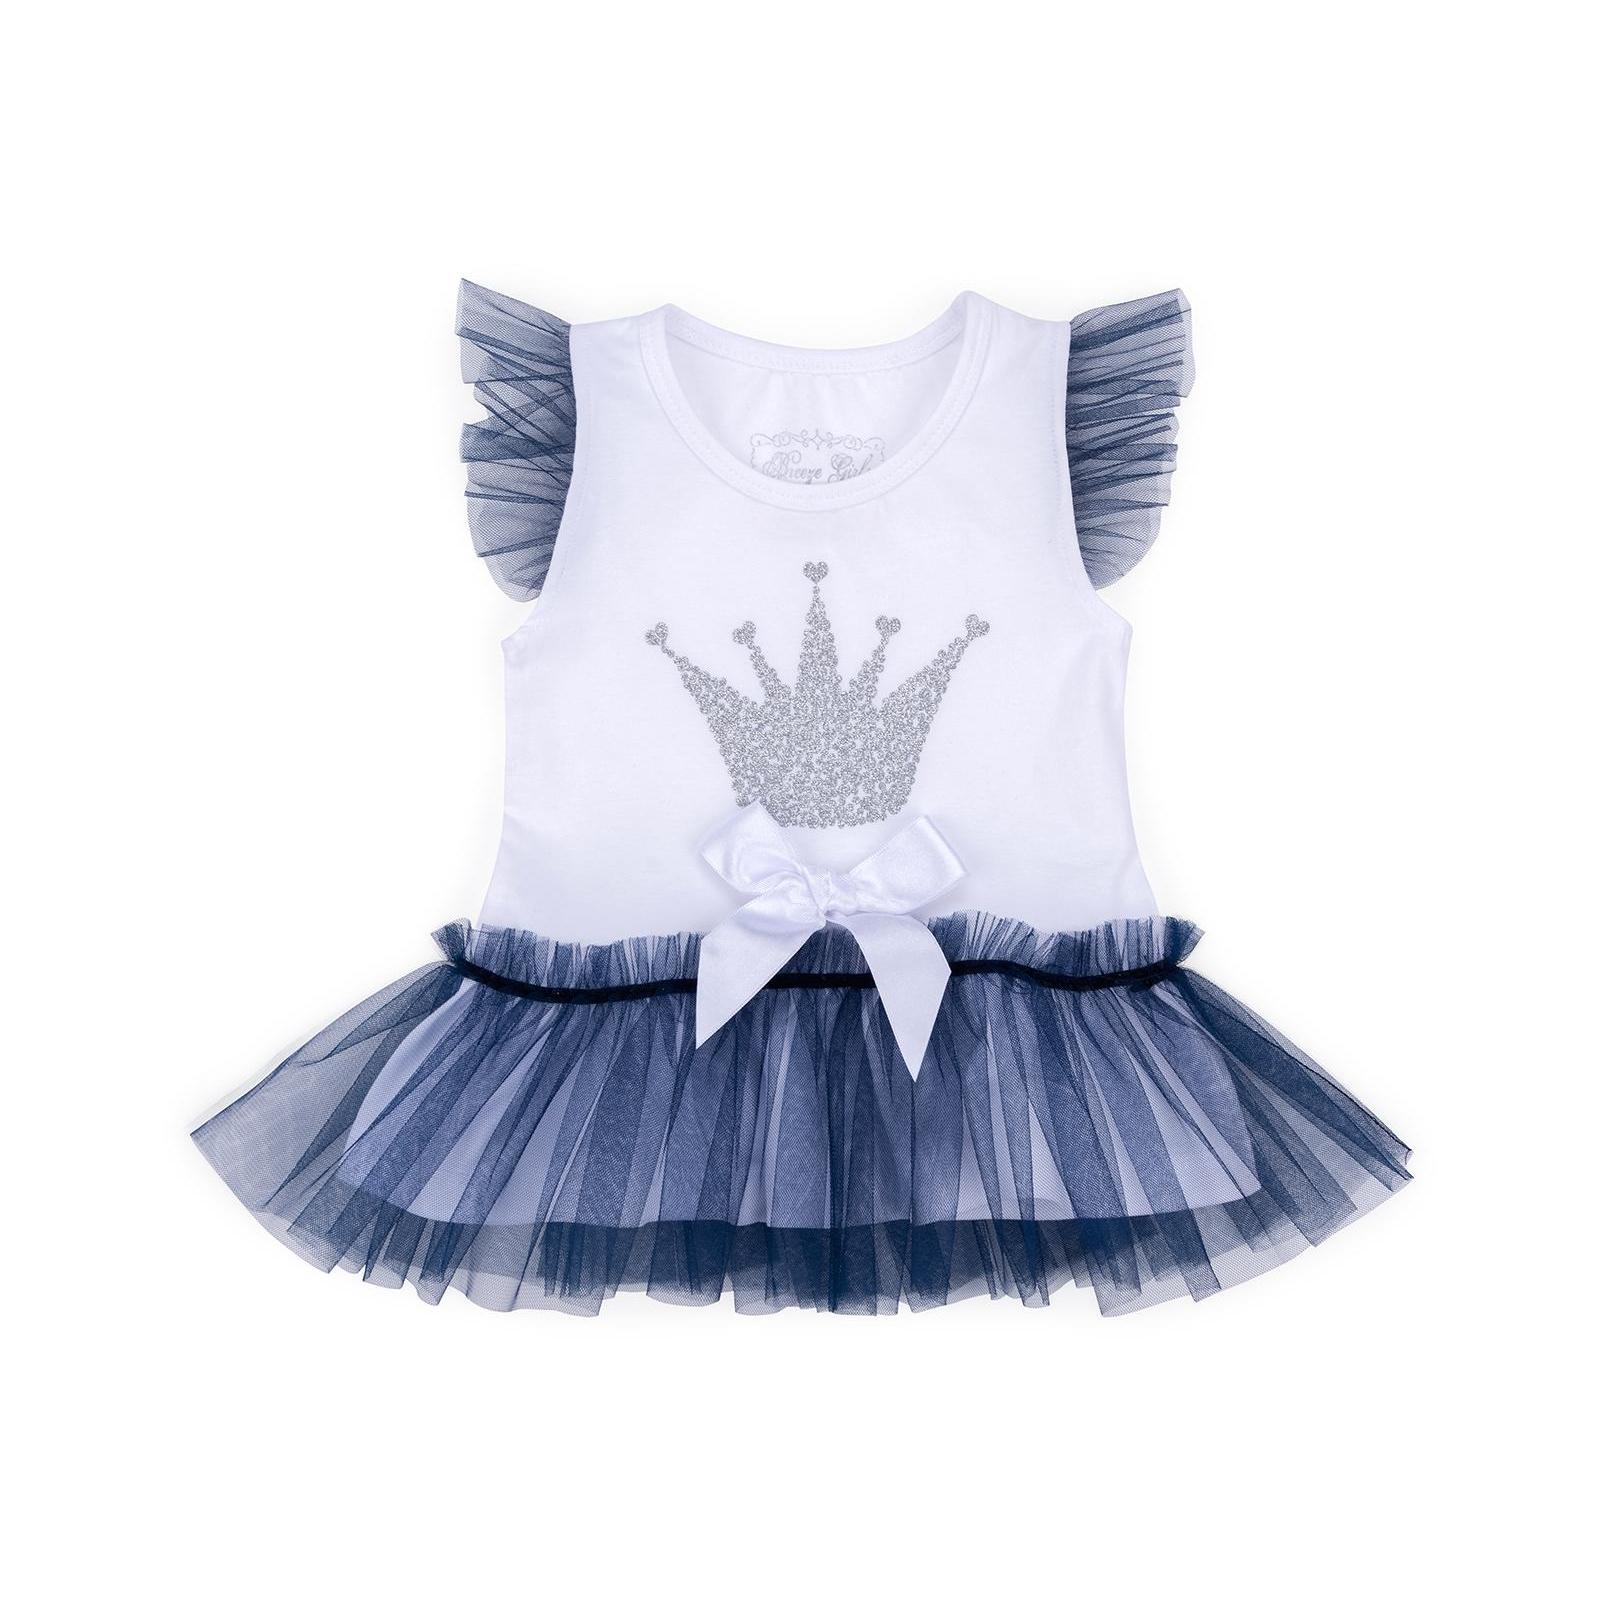 Набор детской одежды Breeze с коронкой (10869-98G-blue) изображение 2